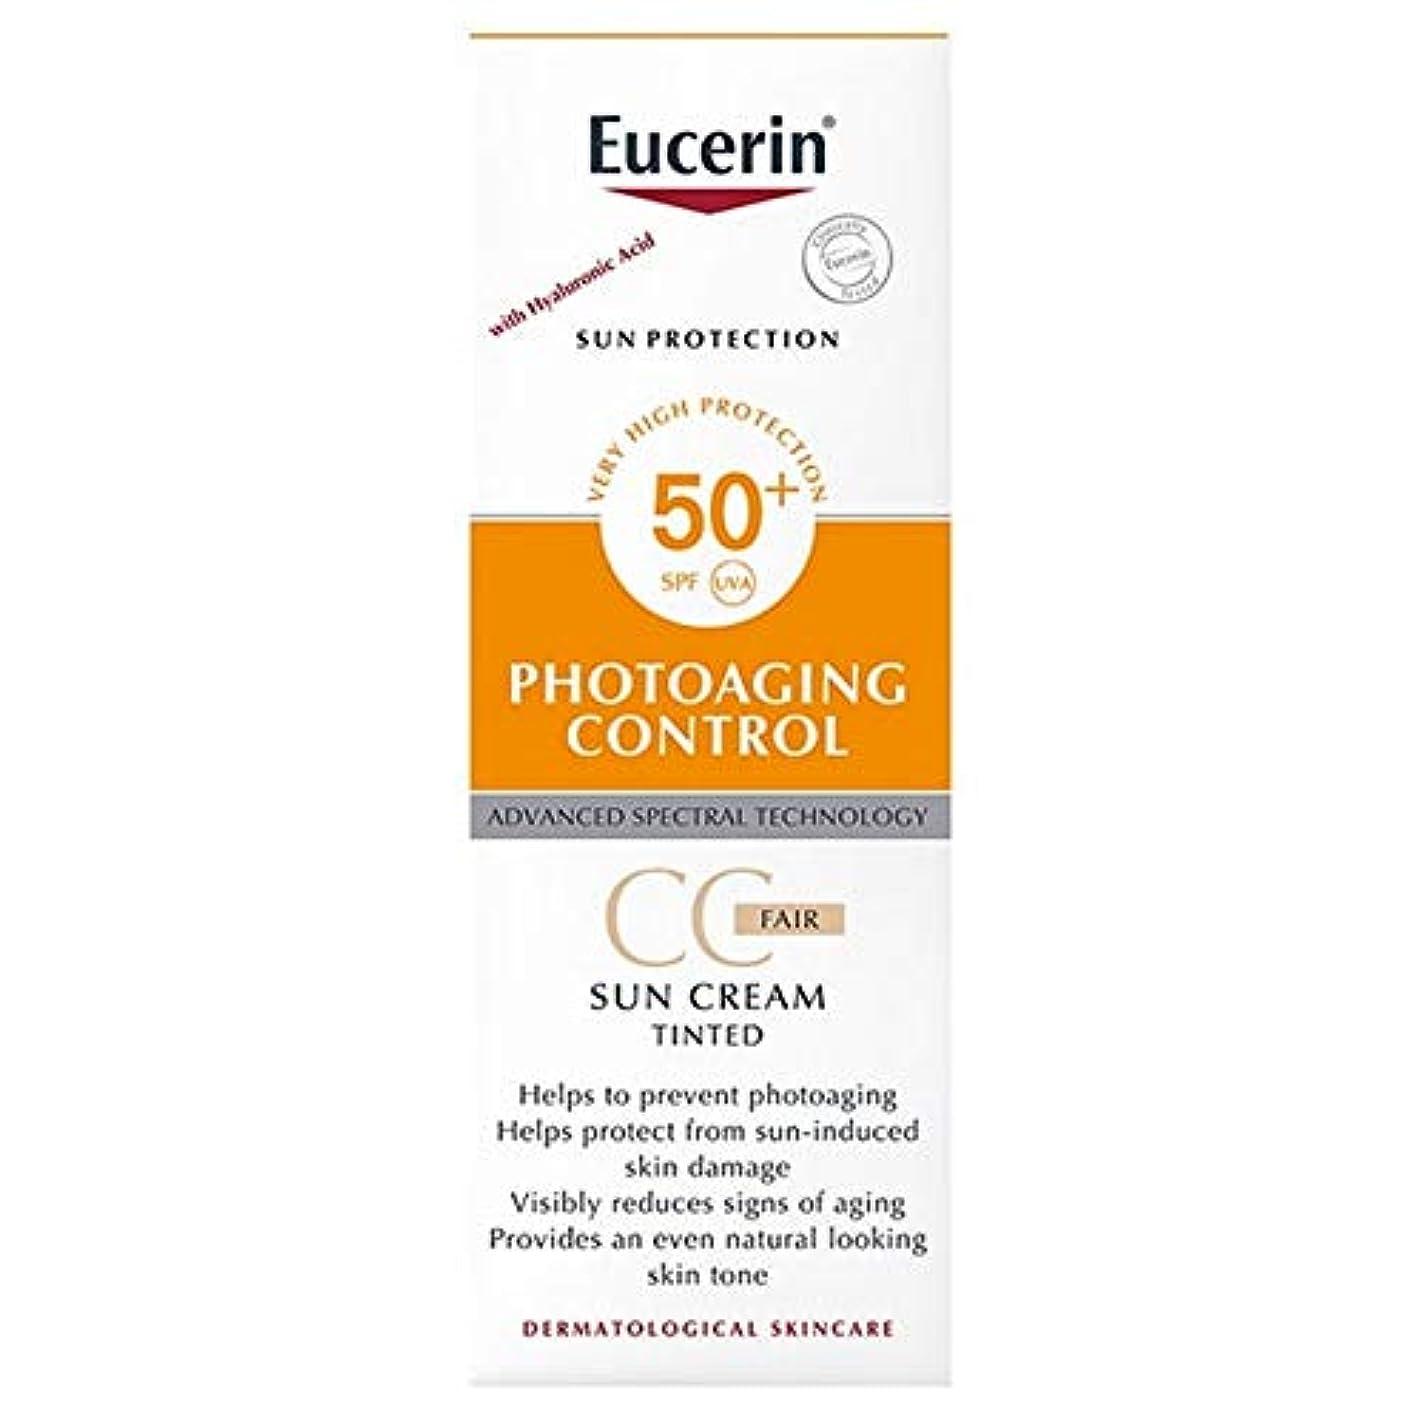 ポーター用心評判[Eucerin ] ユーセリンの光老化制御着色公正日クリームSpf50の50ミリリットル - Eucerin Photoaging Control Tinted Fair Sun Cream SPF50 50ml [並行輸入品]